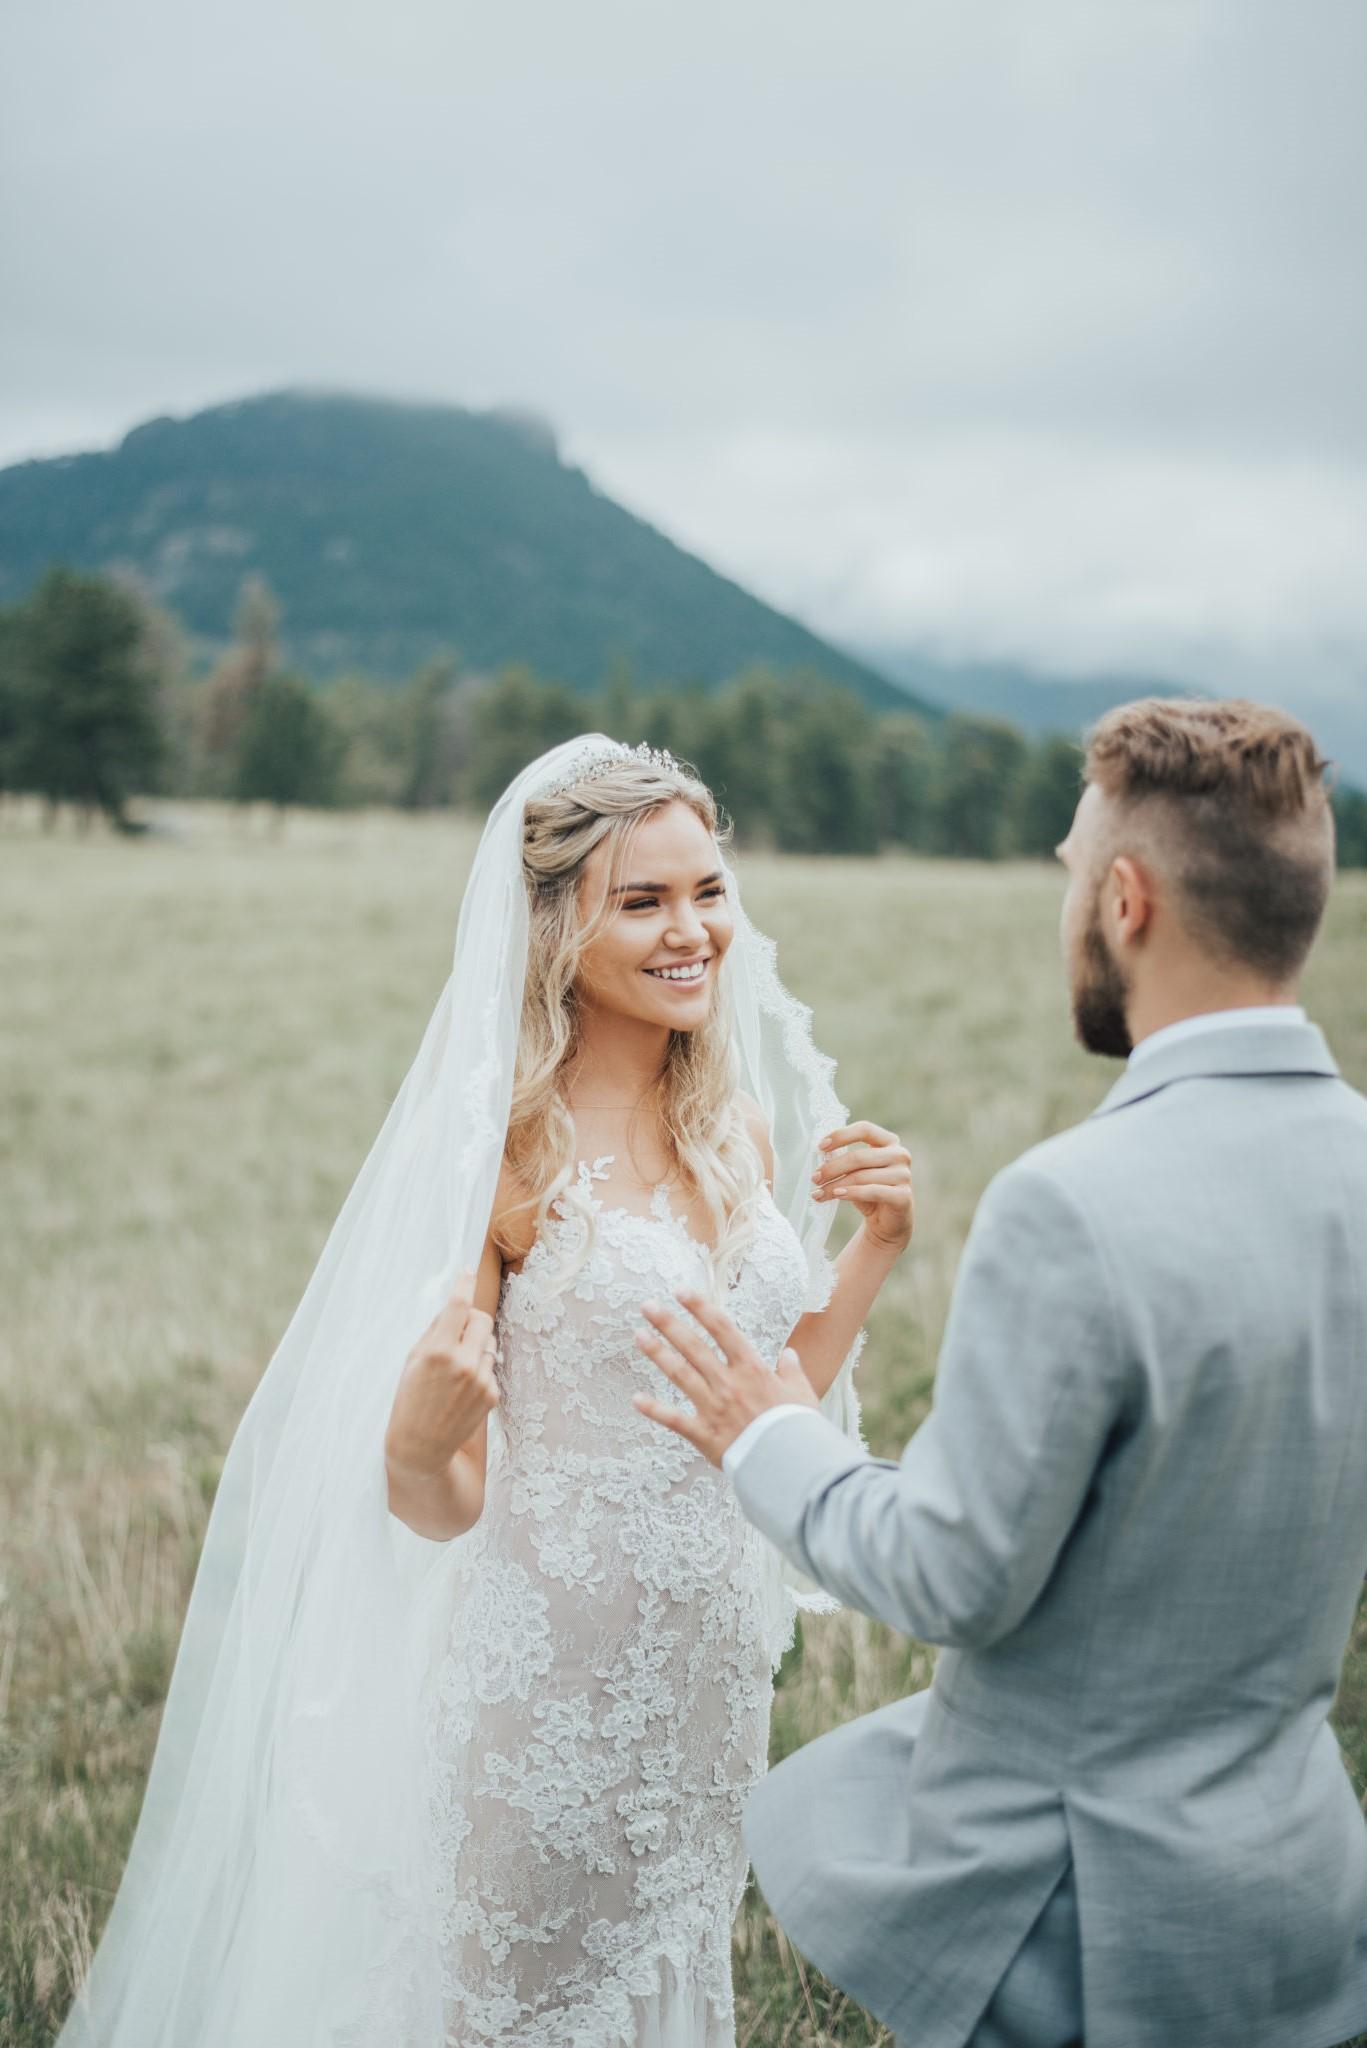 Prenez le temps de vous consacrer au maquillage de mariage qui vous rendra belle en cette journée spéciale.